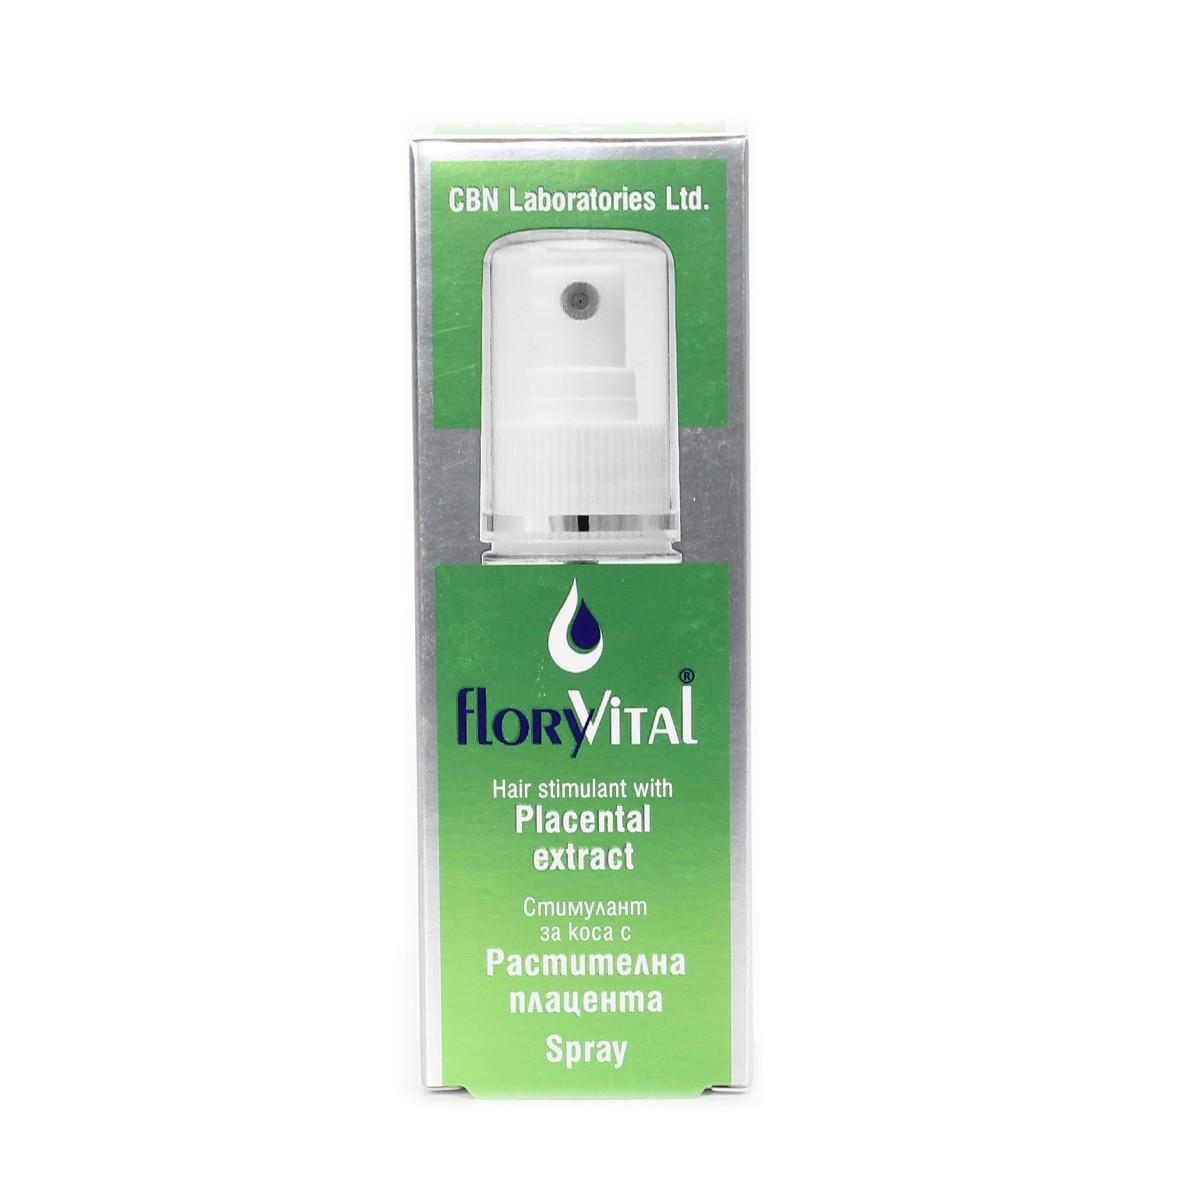 Хидратиращ спрей за коса с растителна плацента FloryVital